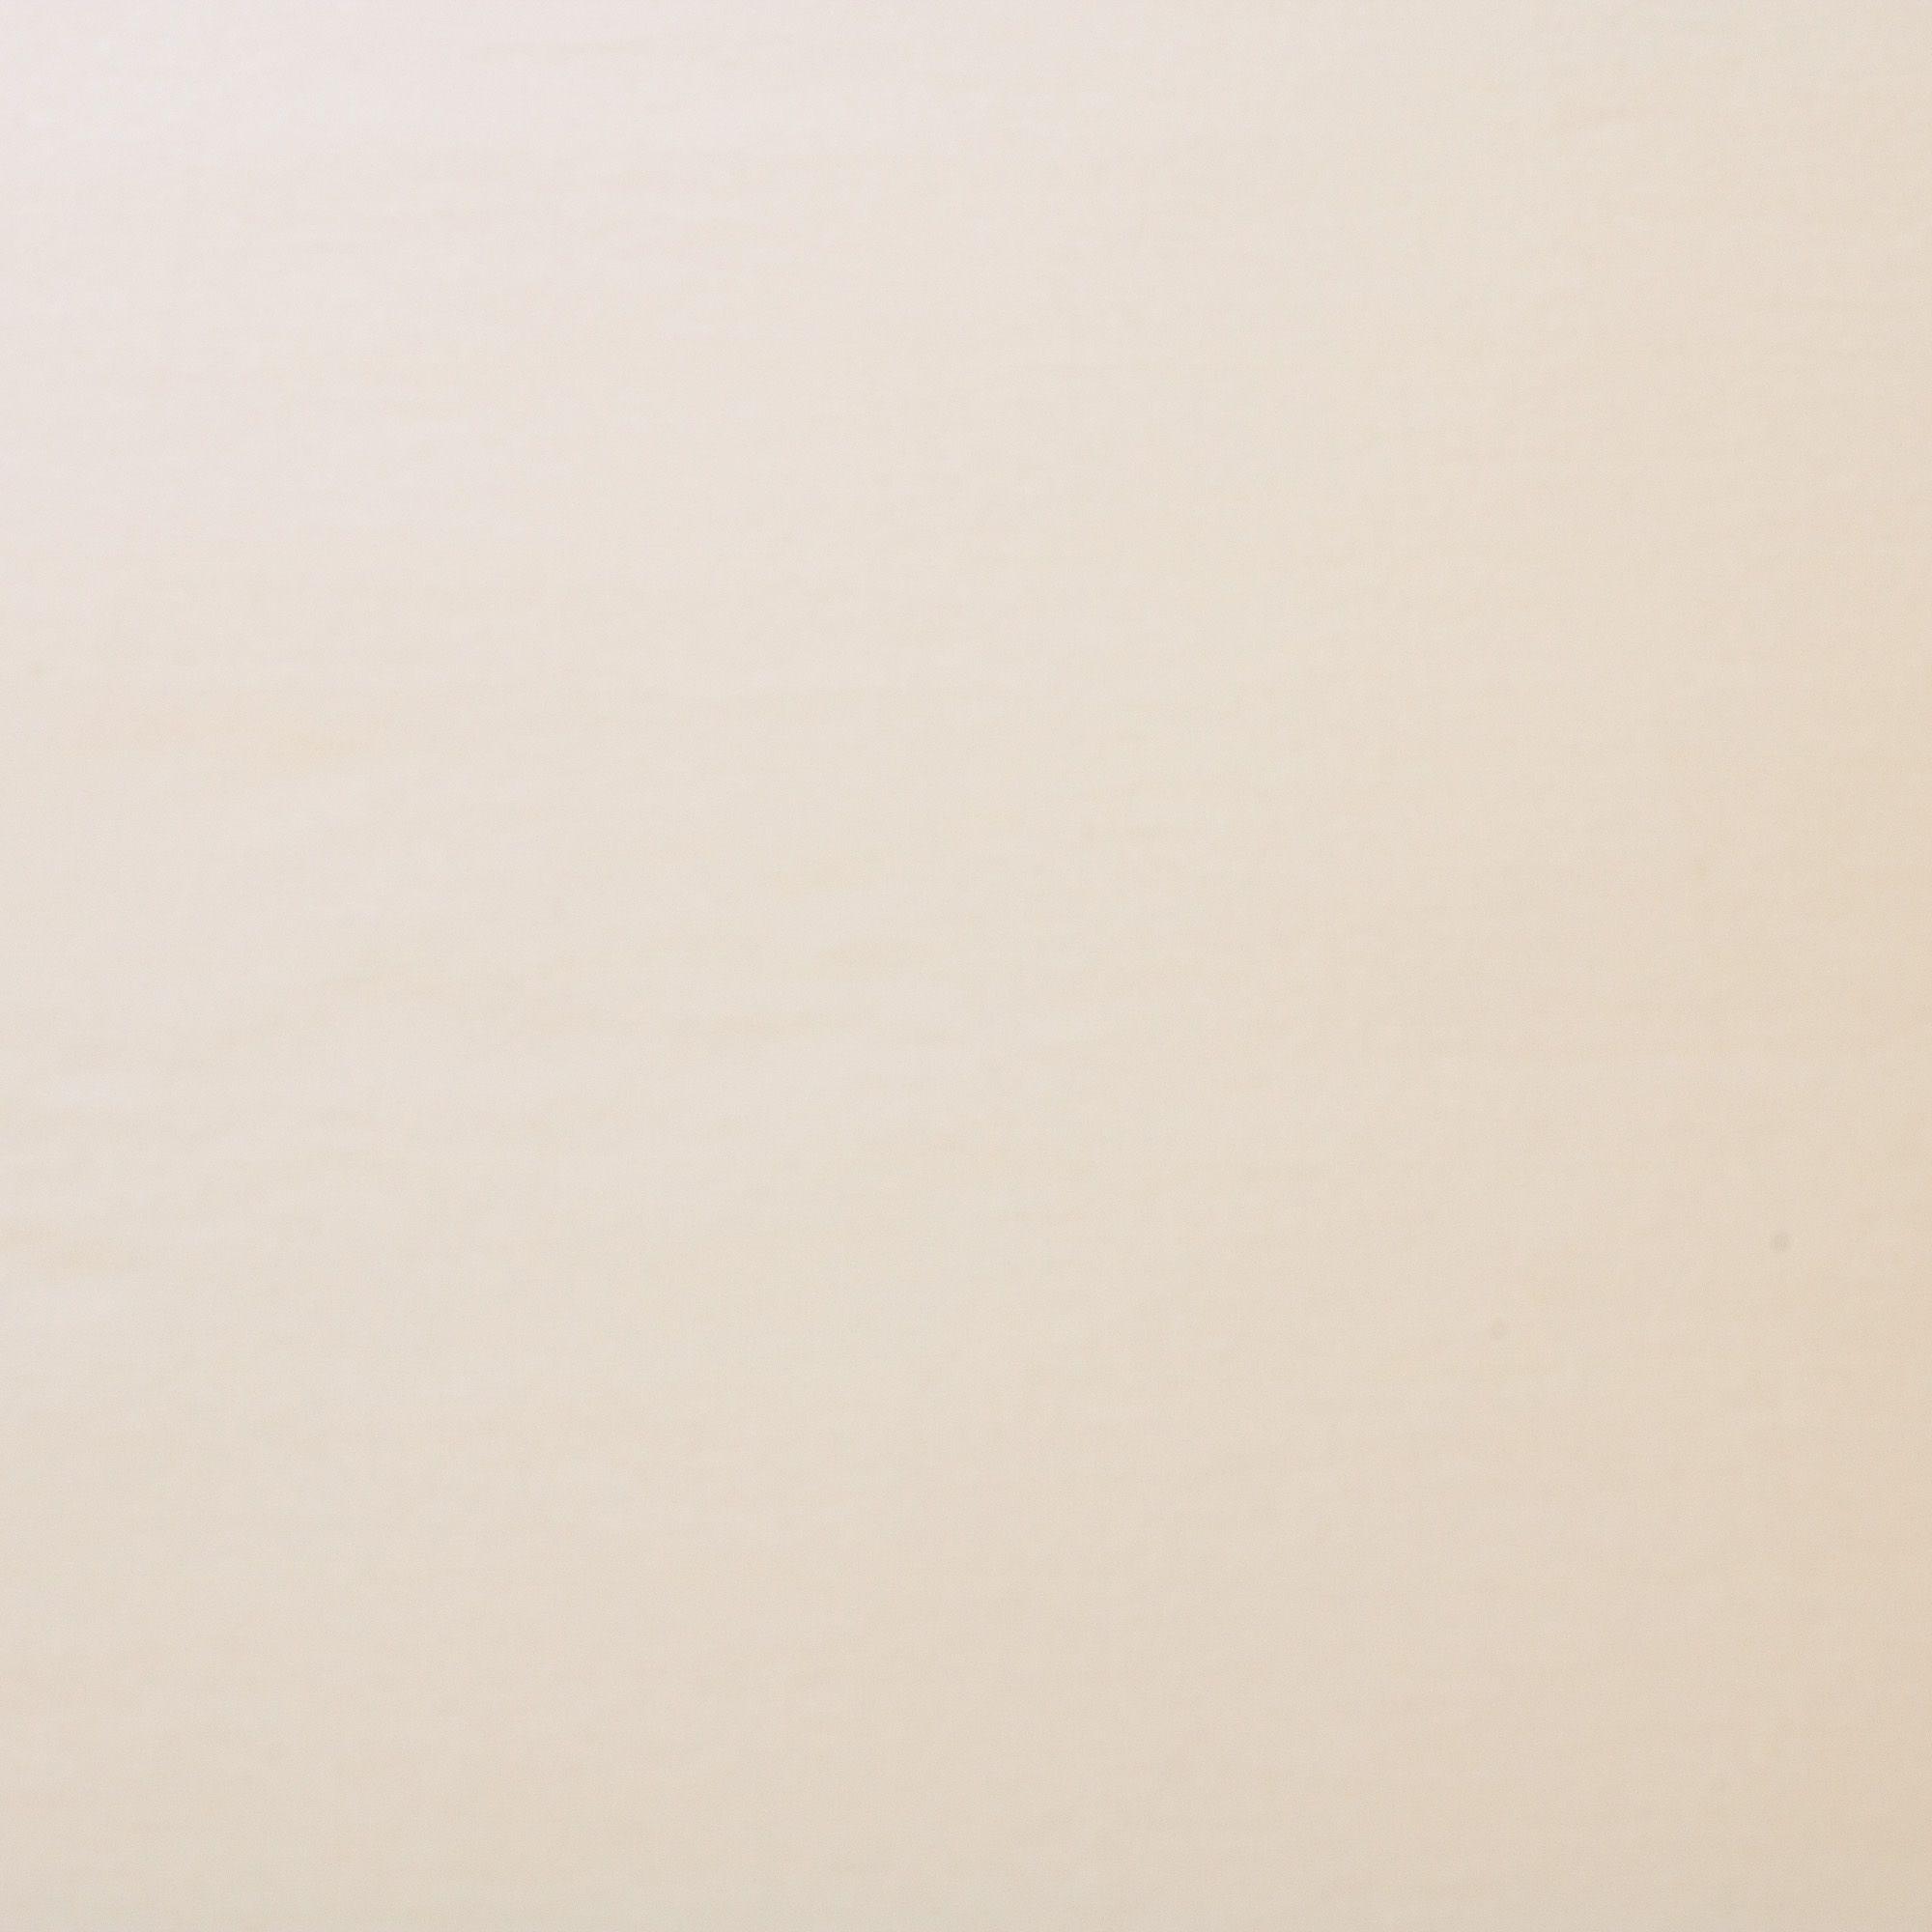 Tecido Malha de Algodão 100% Algodão Branco